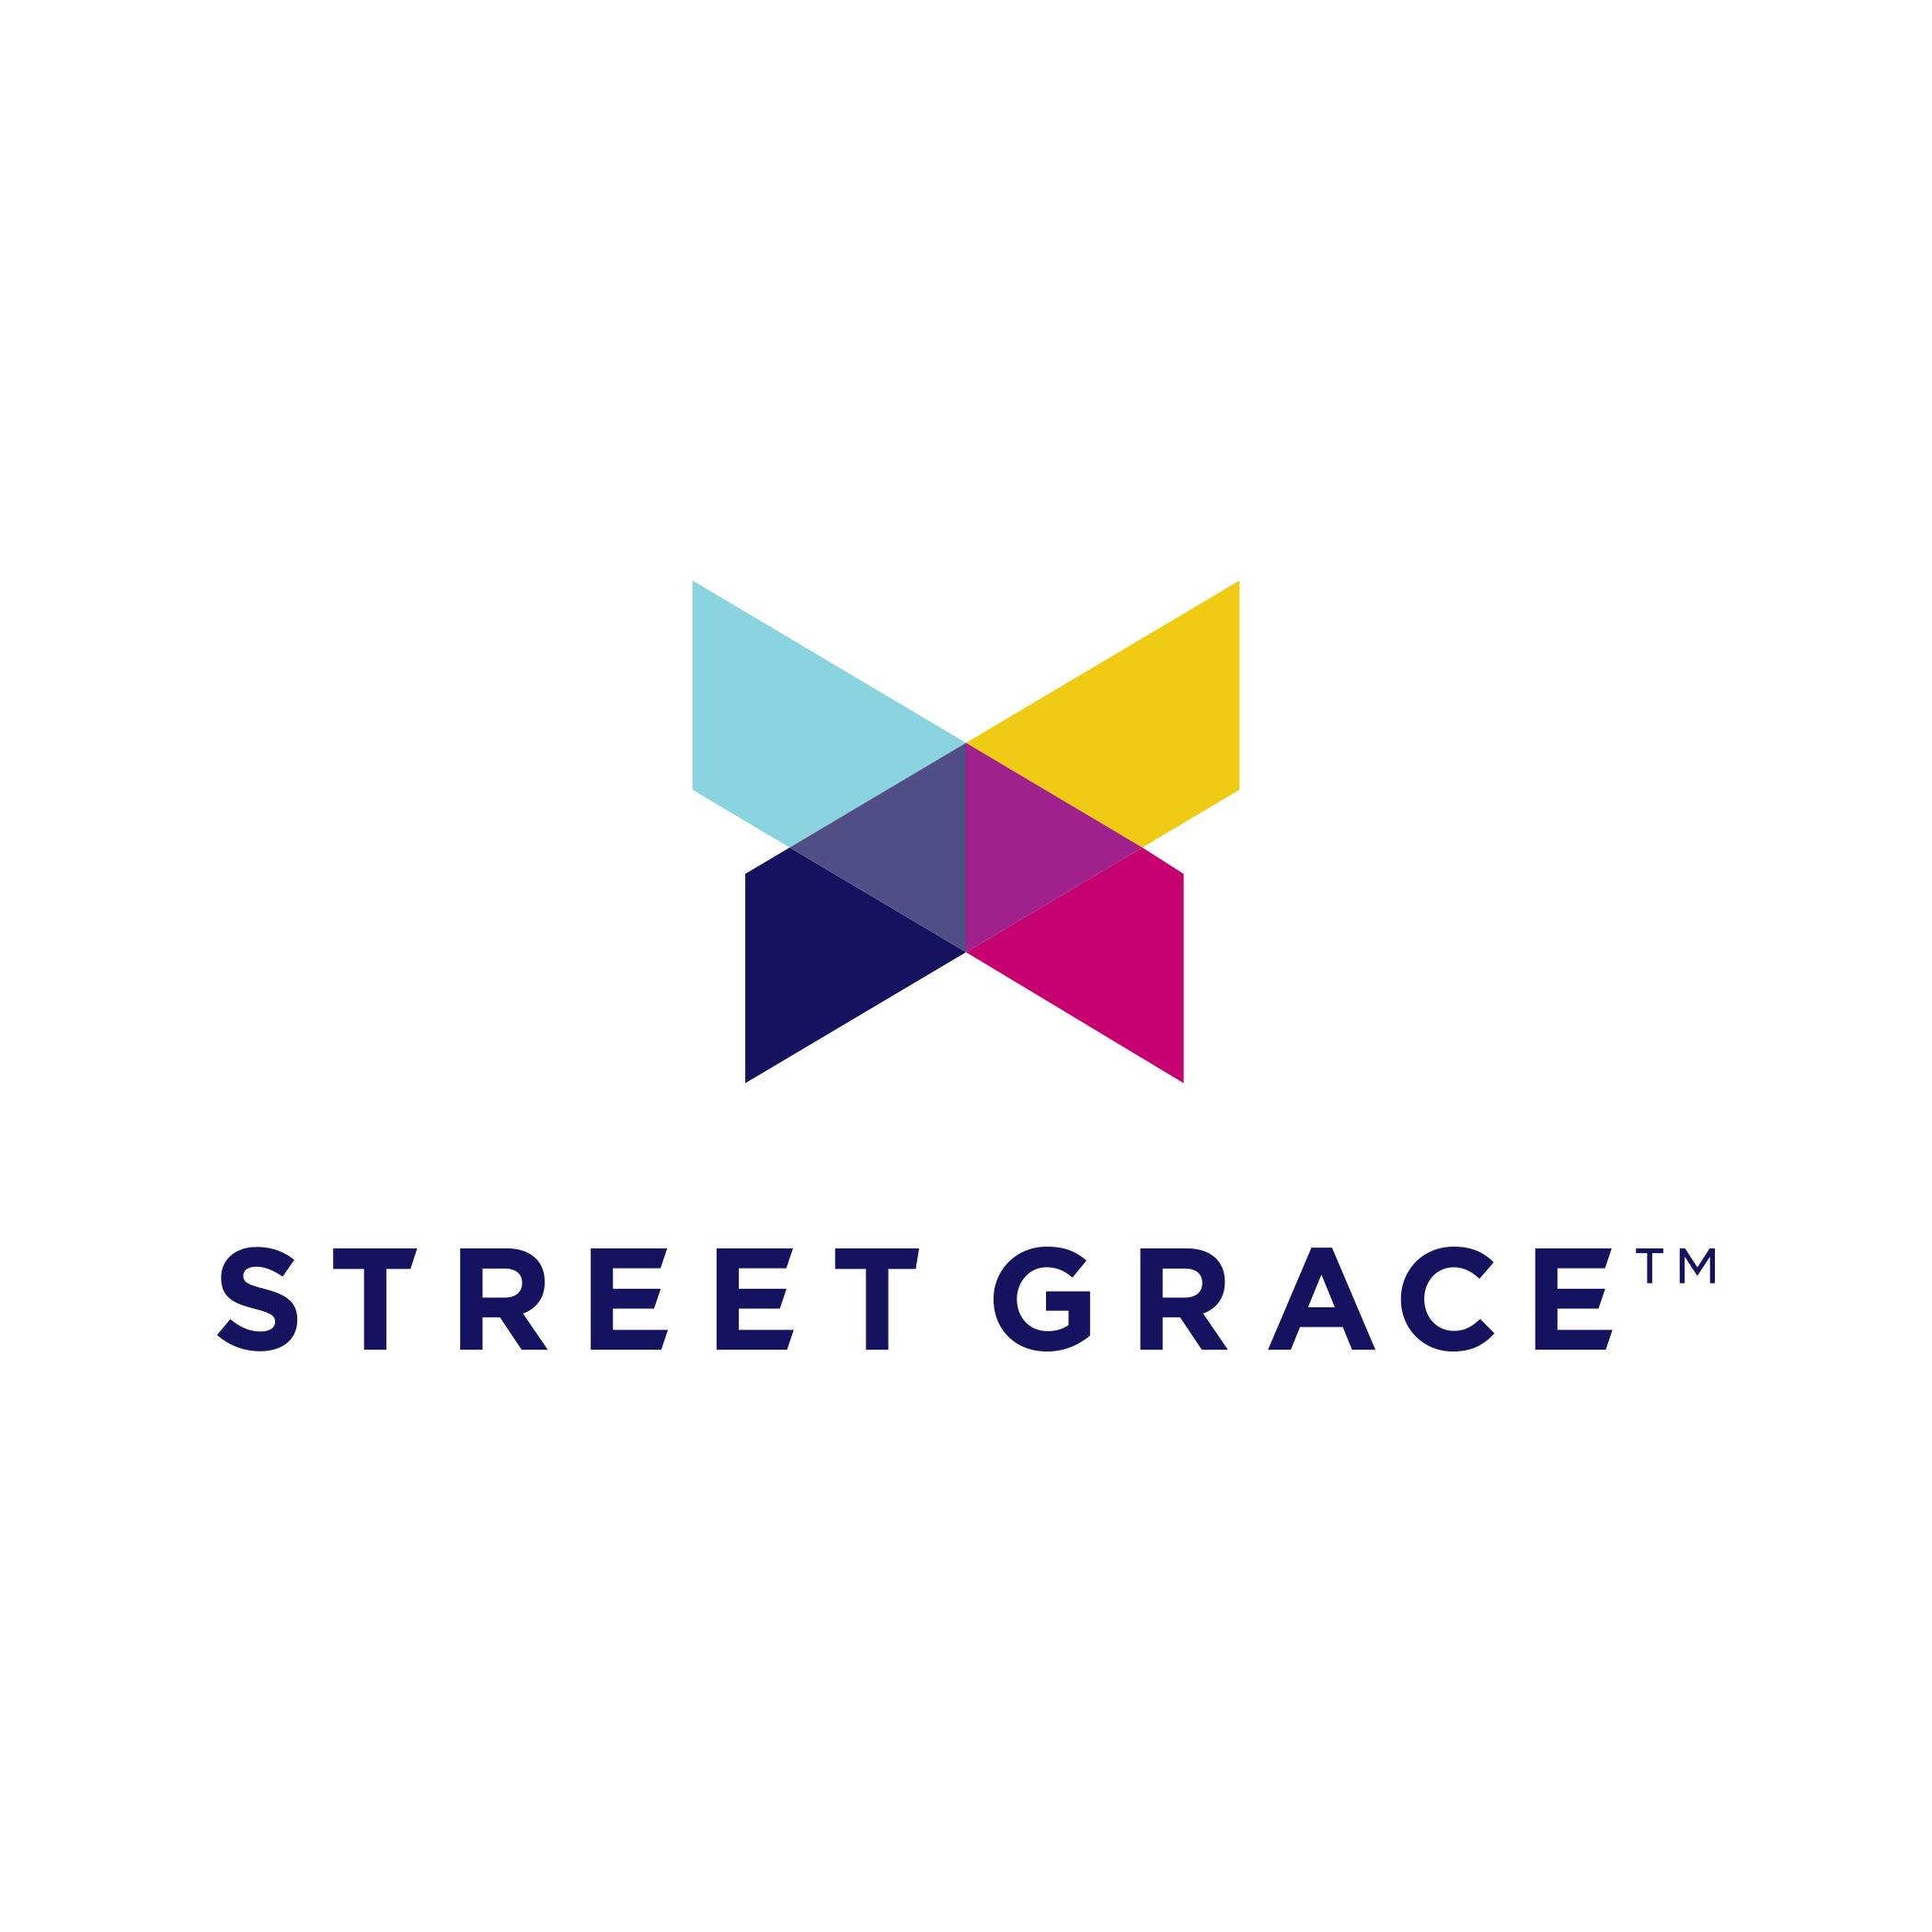 Street Grace